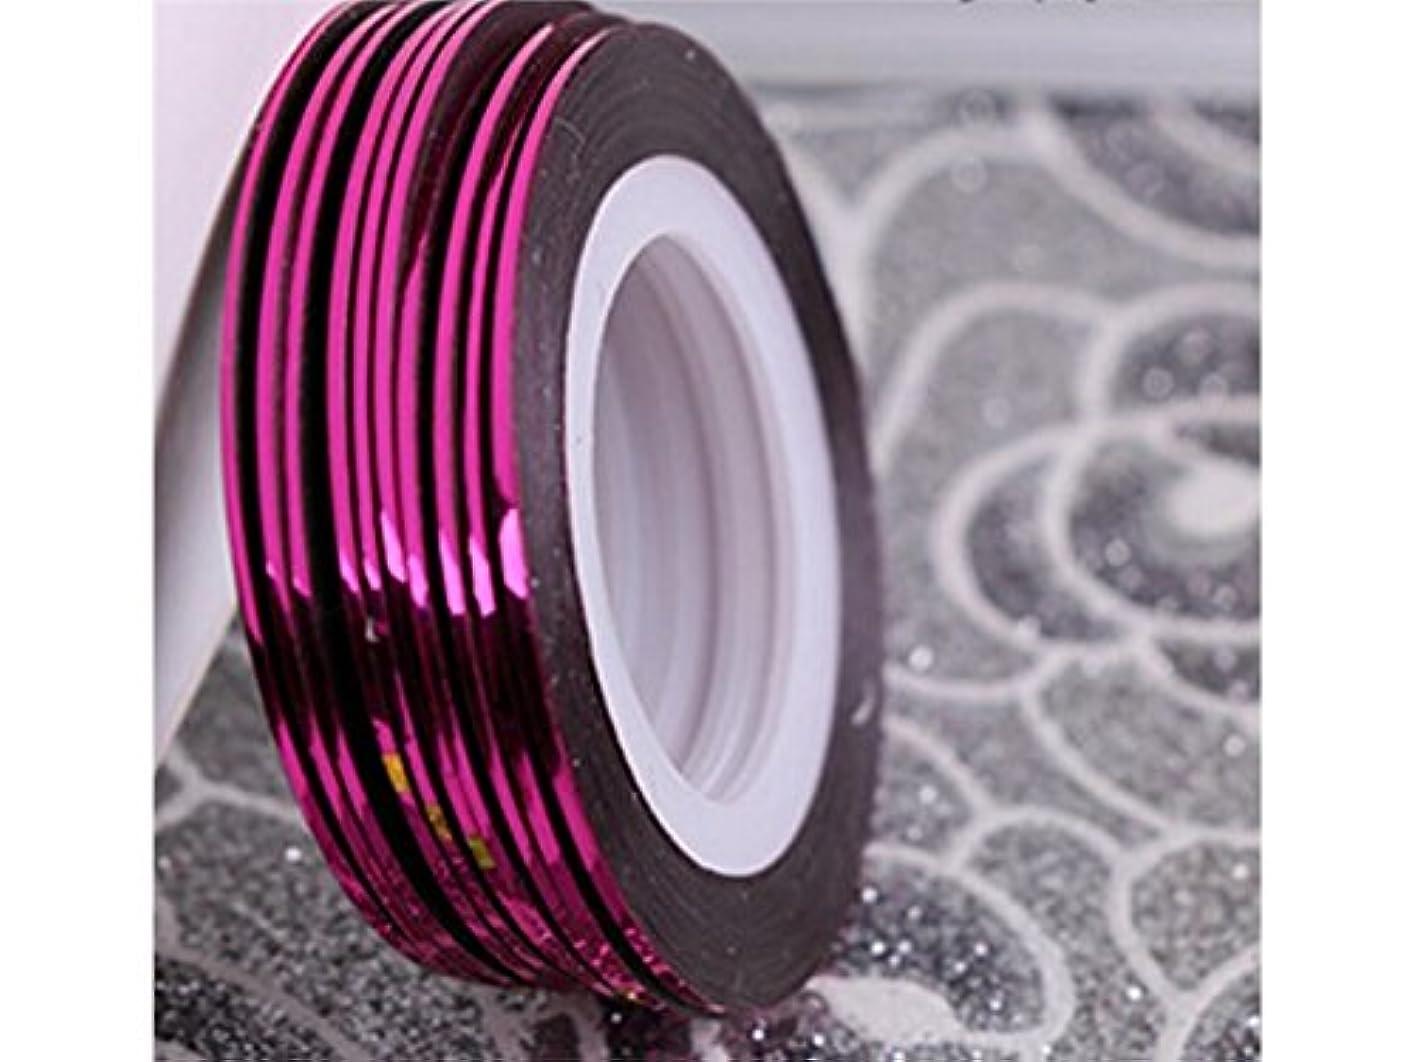 守る療法同種のOsize ネイルアートキラキラゴールドシルバーストリップラインリボンストライプ装飾ツールネイルステッカーストライピングテープラインネイルアート装飾(ロージー)